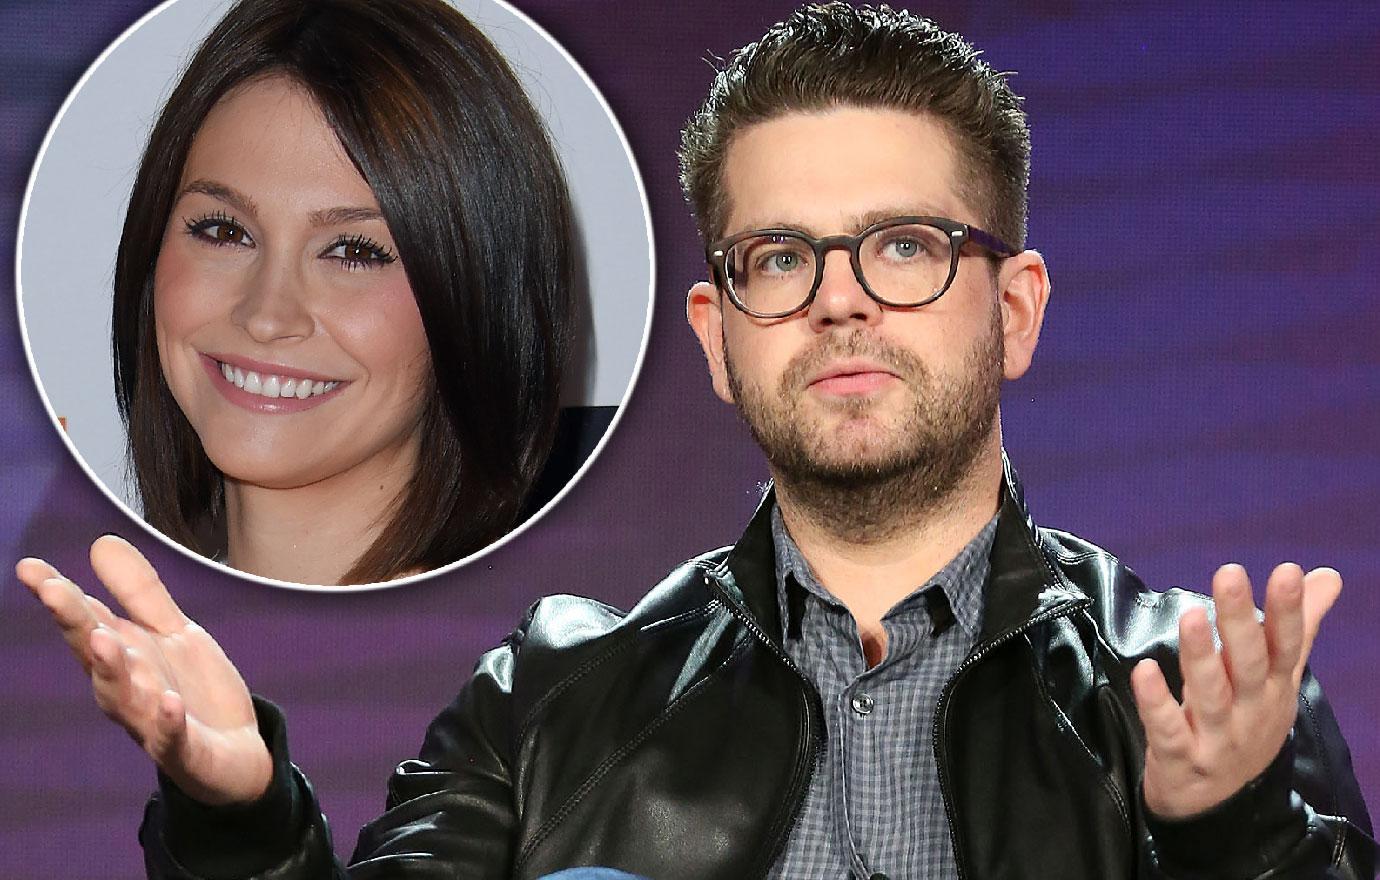 Jack Osbourne Gives Ex Wife $1 Million In Divorce